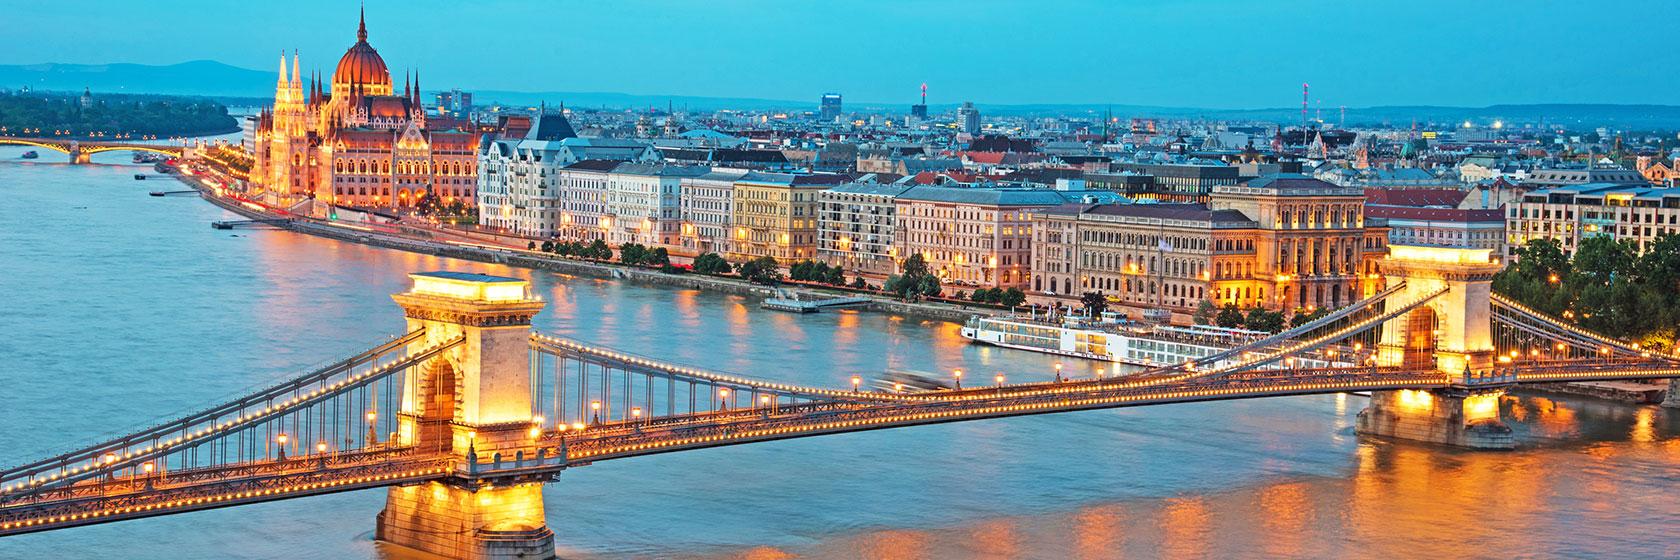 Bro over elven Donau på kveldstid i Budapest.